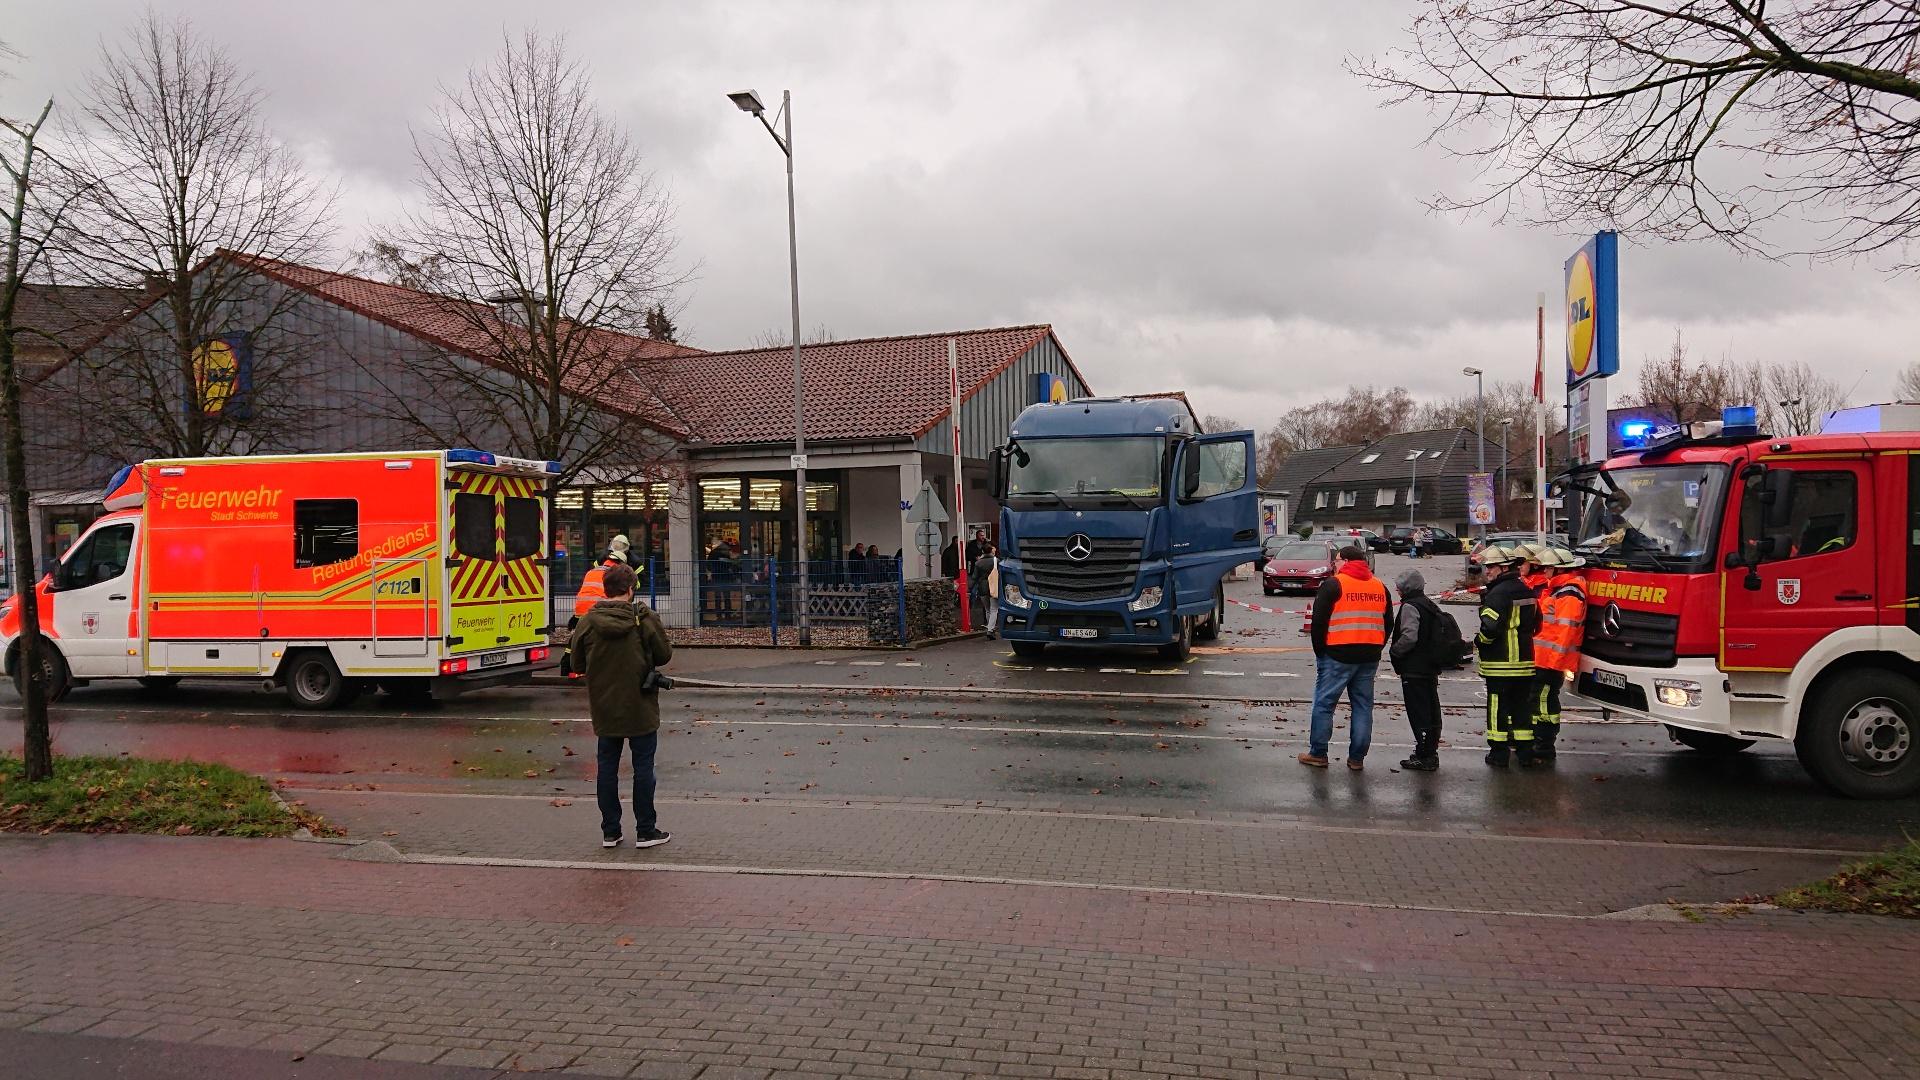 Unfall vor Lidl-Parkplatz in Schwerte: Staatsanwaltschaft ermittelt wegen fahrlässiger Tötung